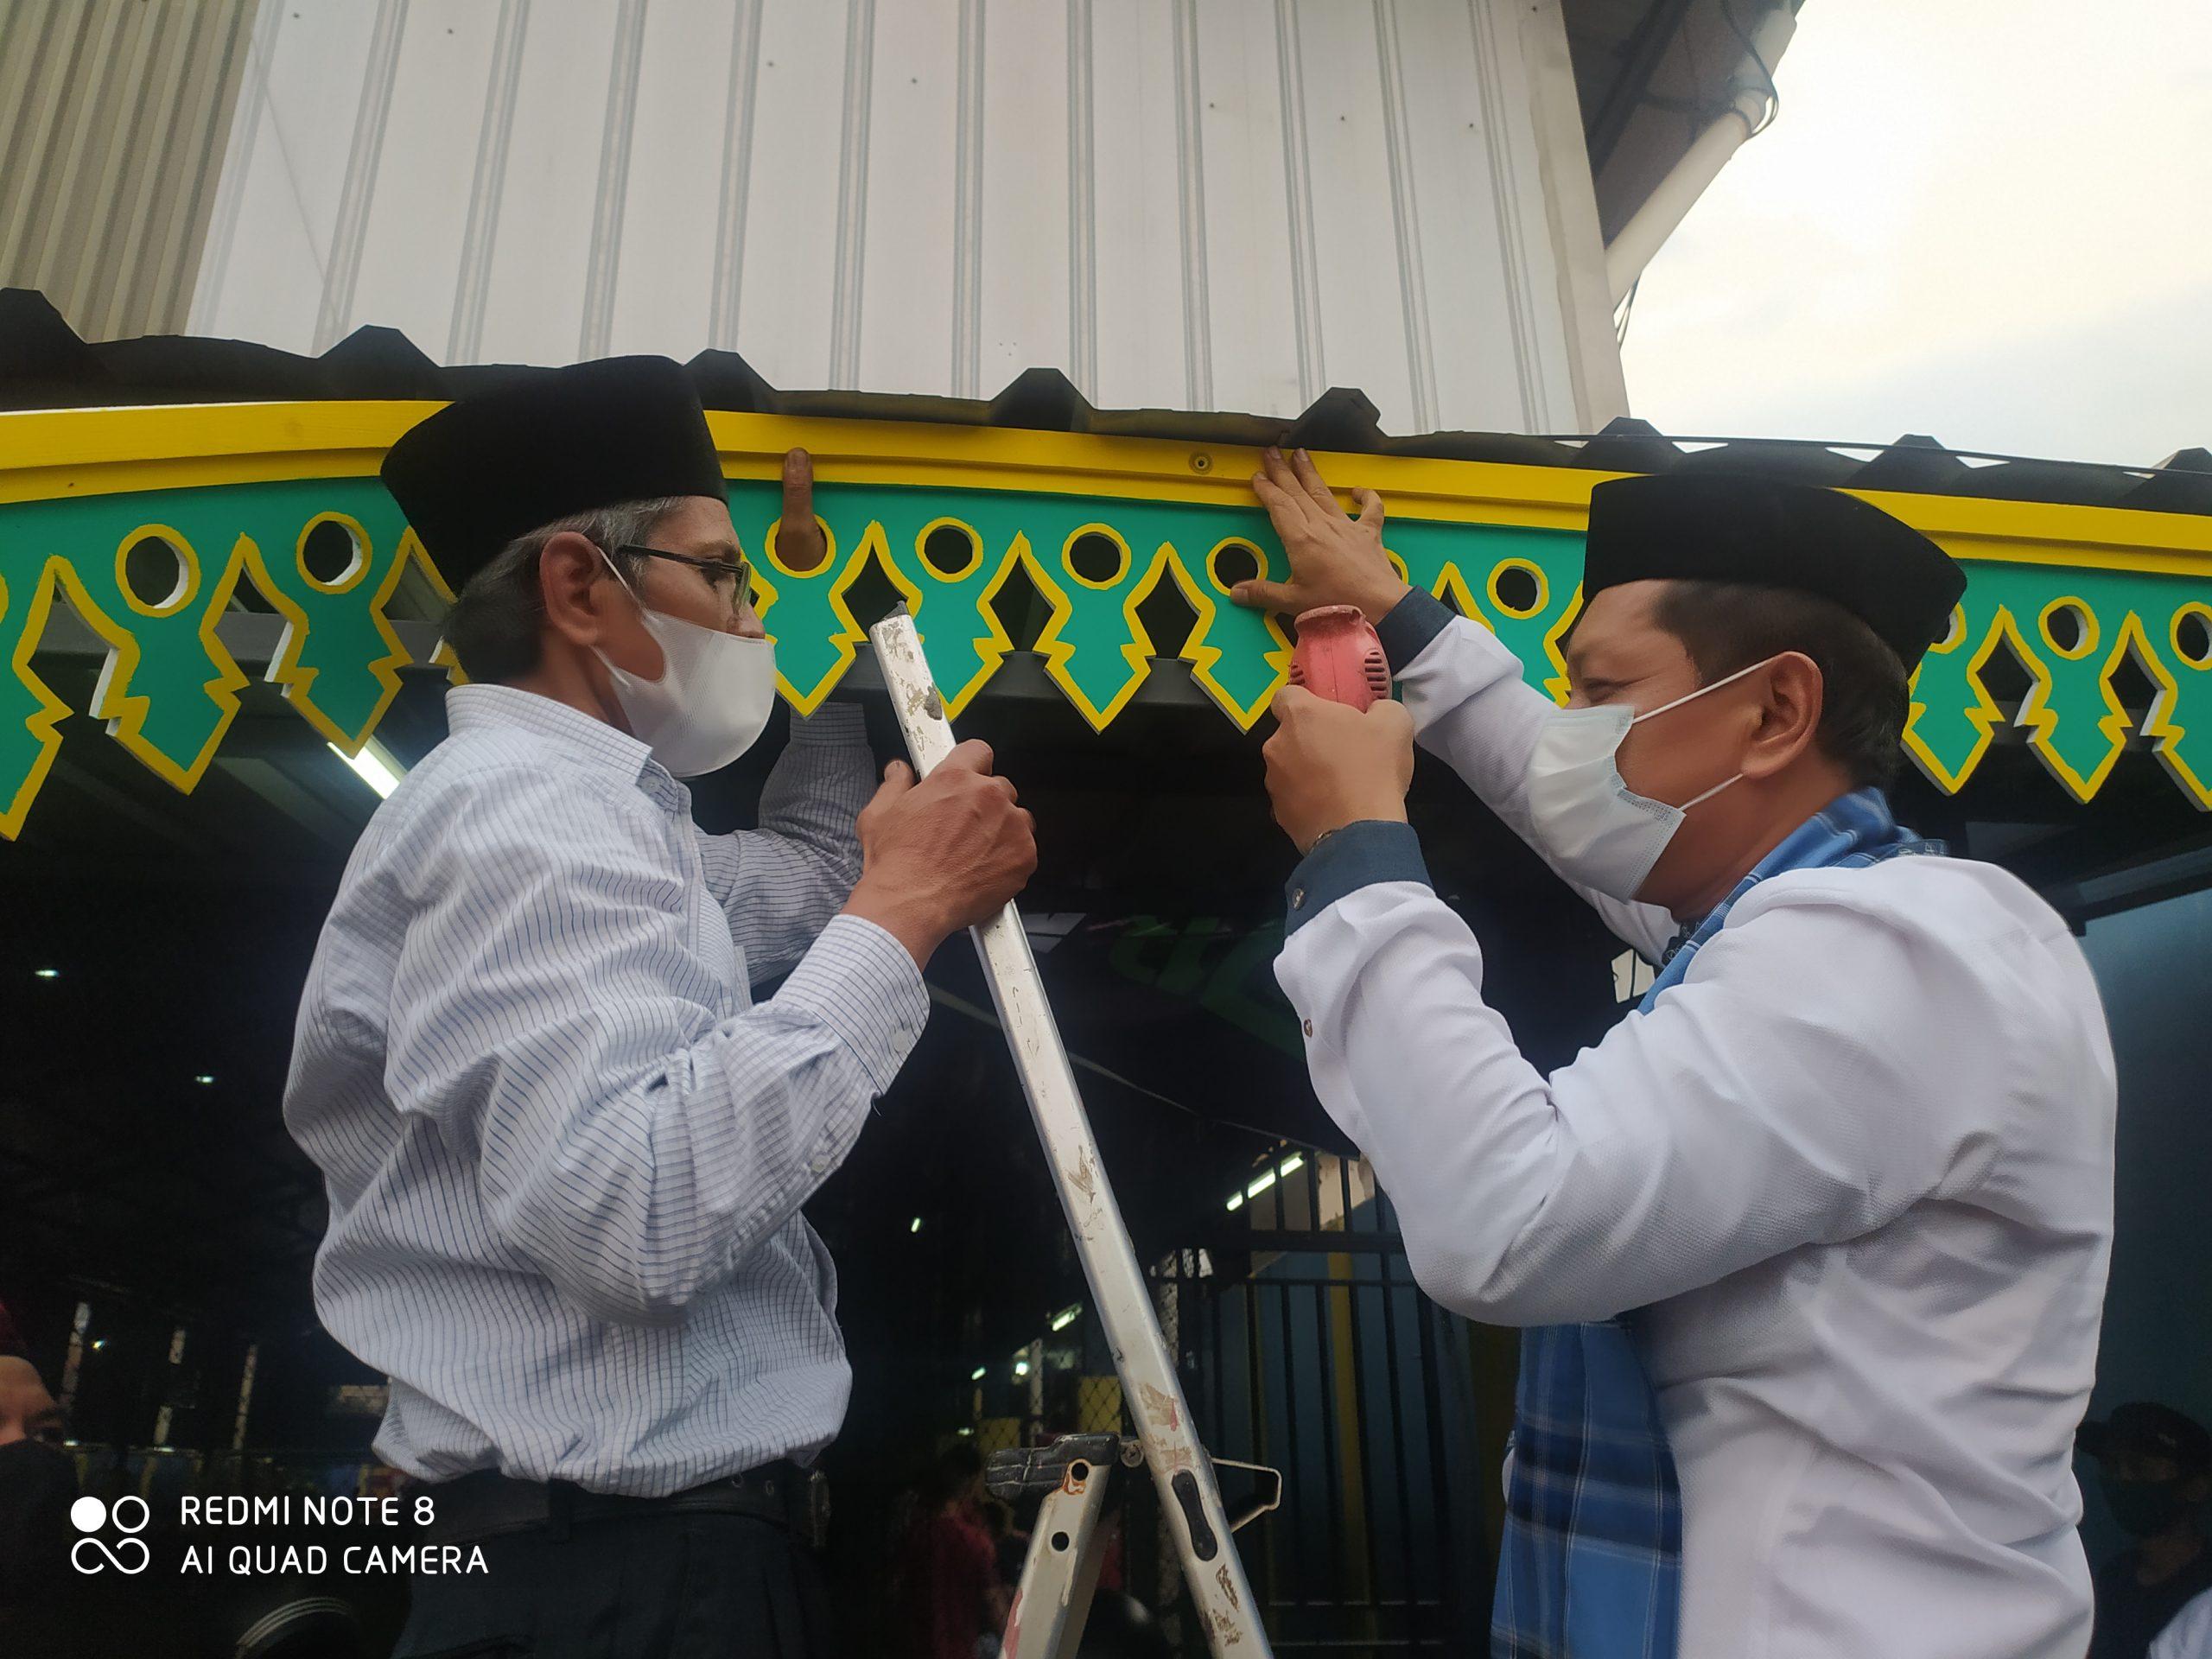 Resmikan Pemasangan Gigi Balang di Kampoeng Budaya Silat Rawa Belong